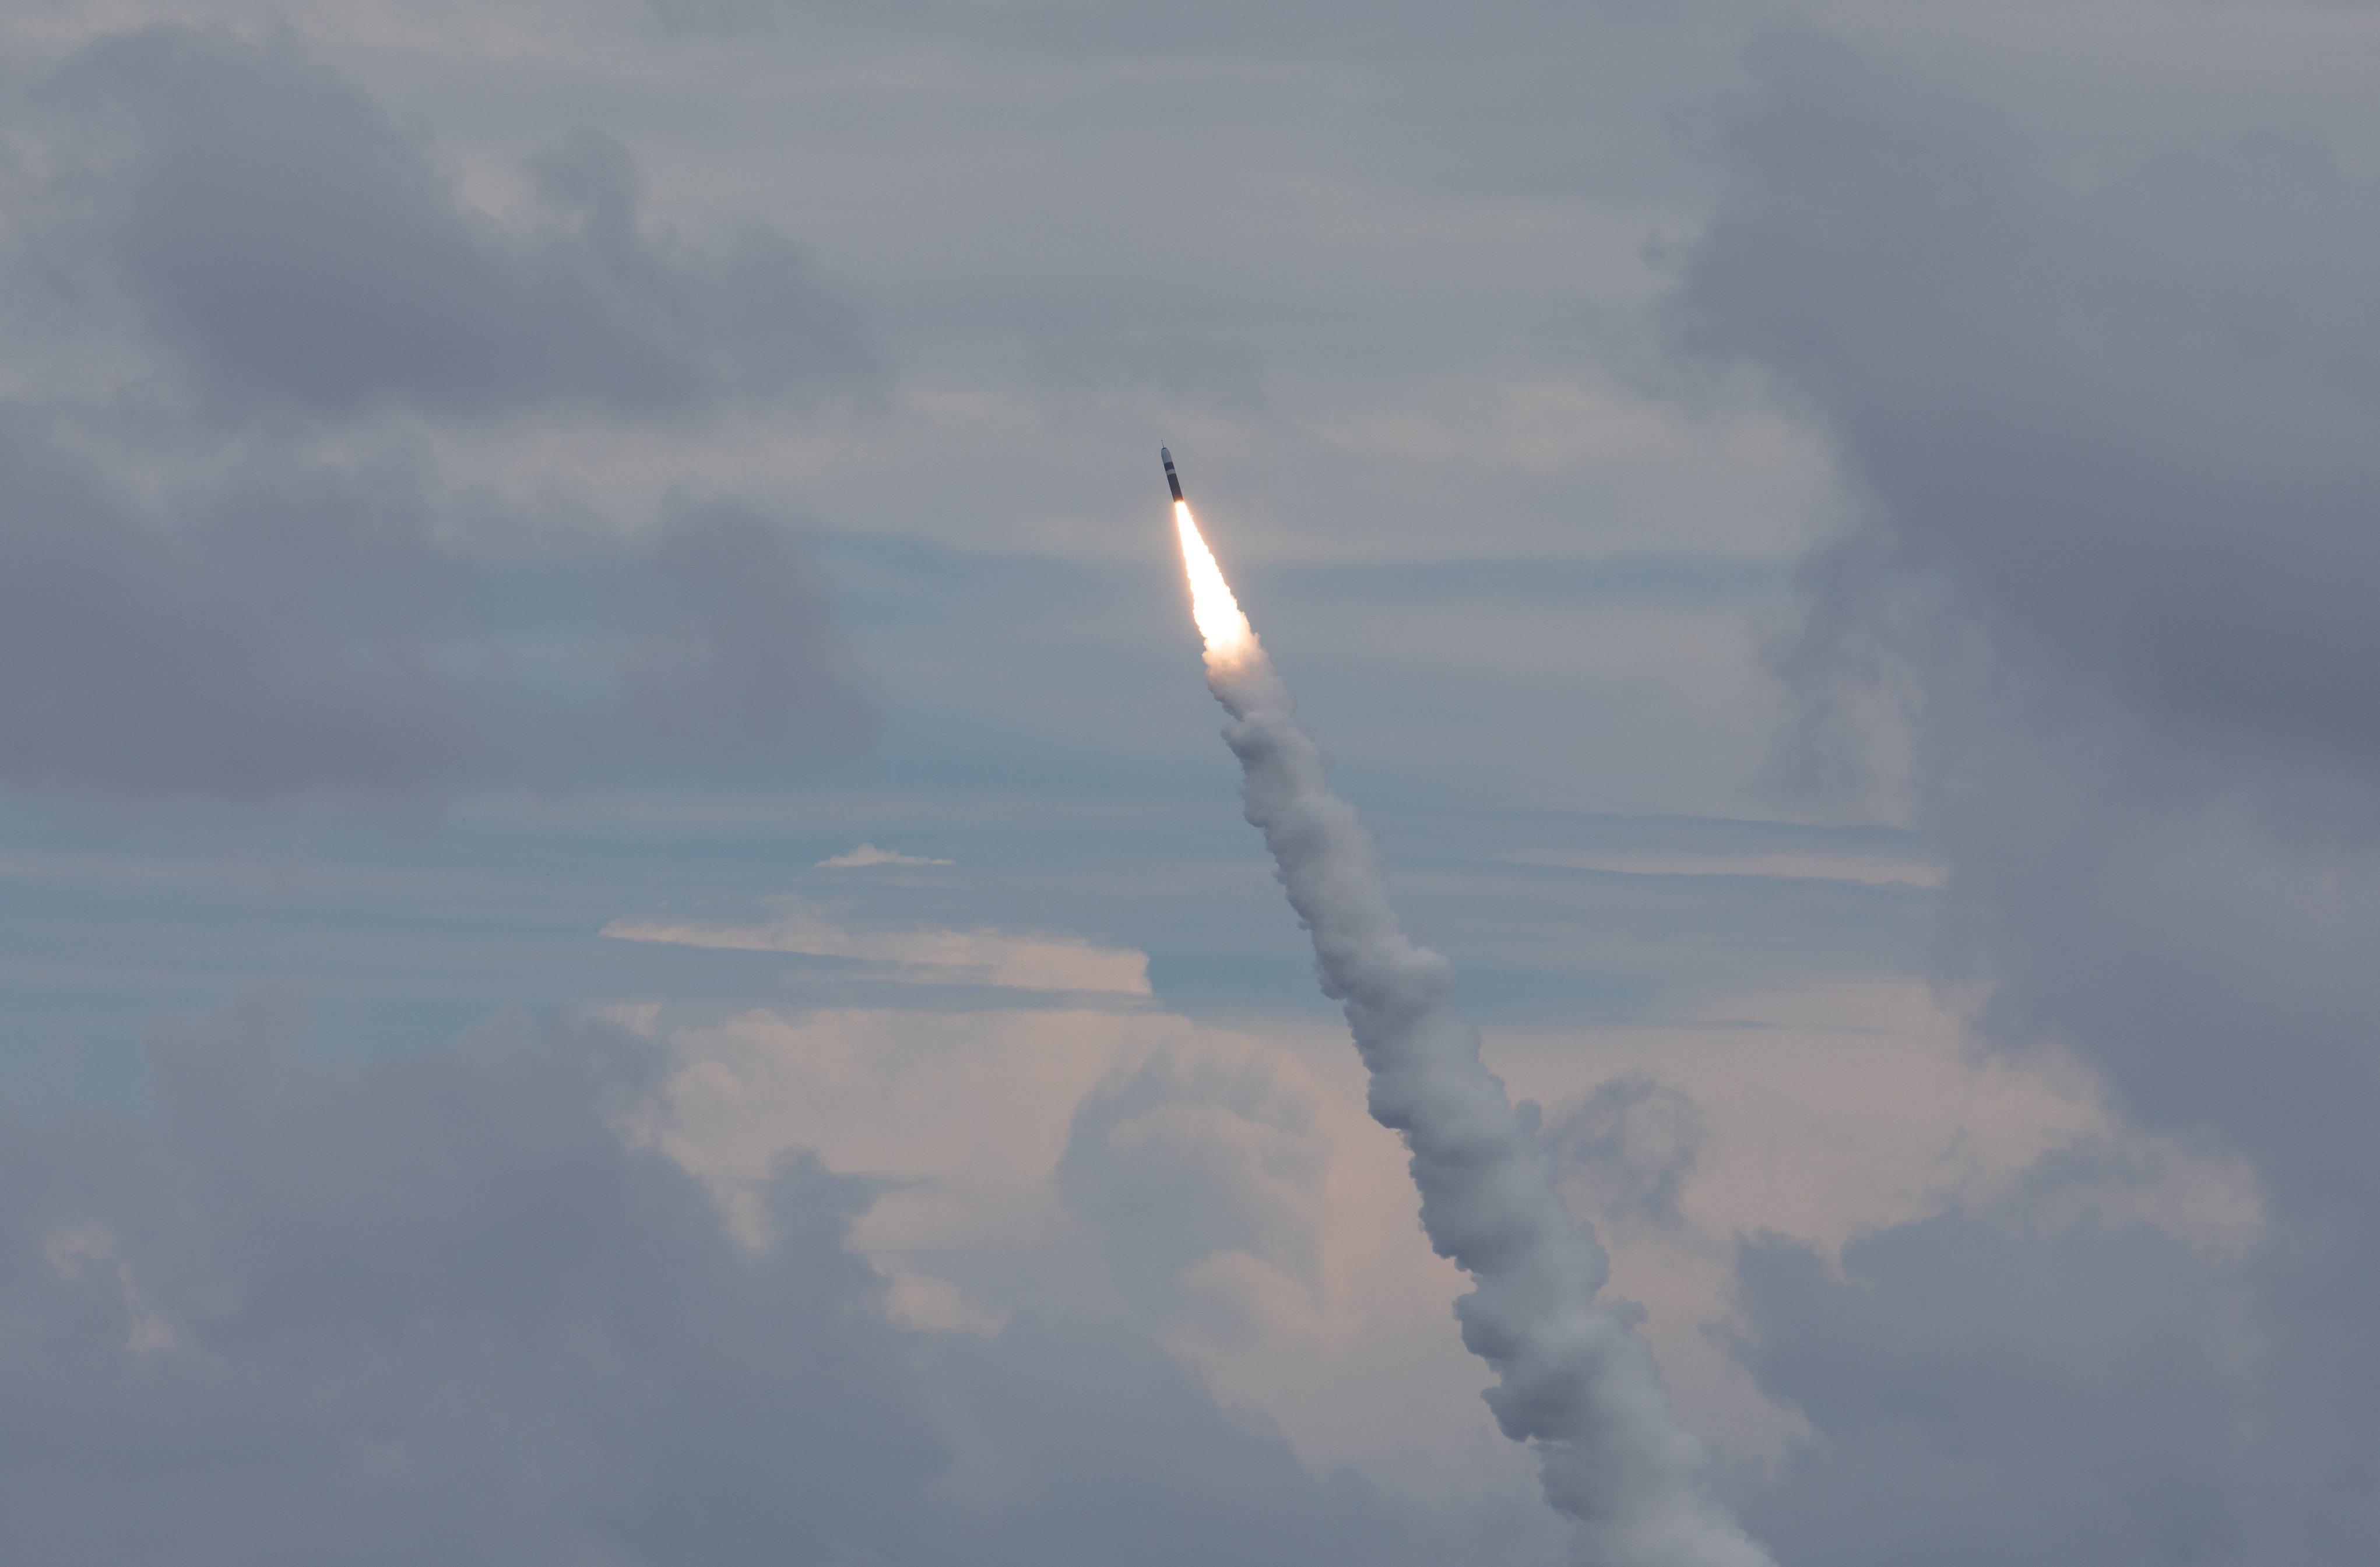 نیروی دریایی آمریکا ۲ موشک بالستیک اتمی شلیک کرد